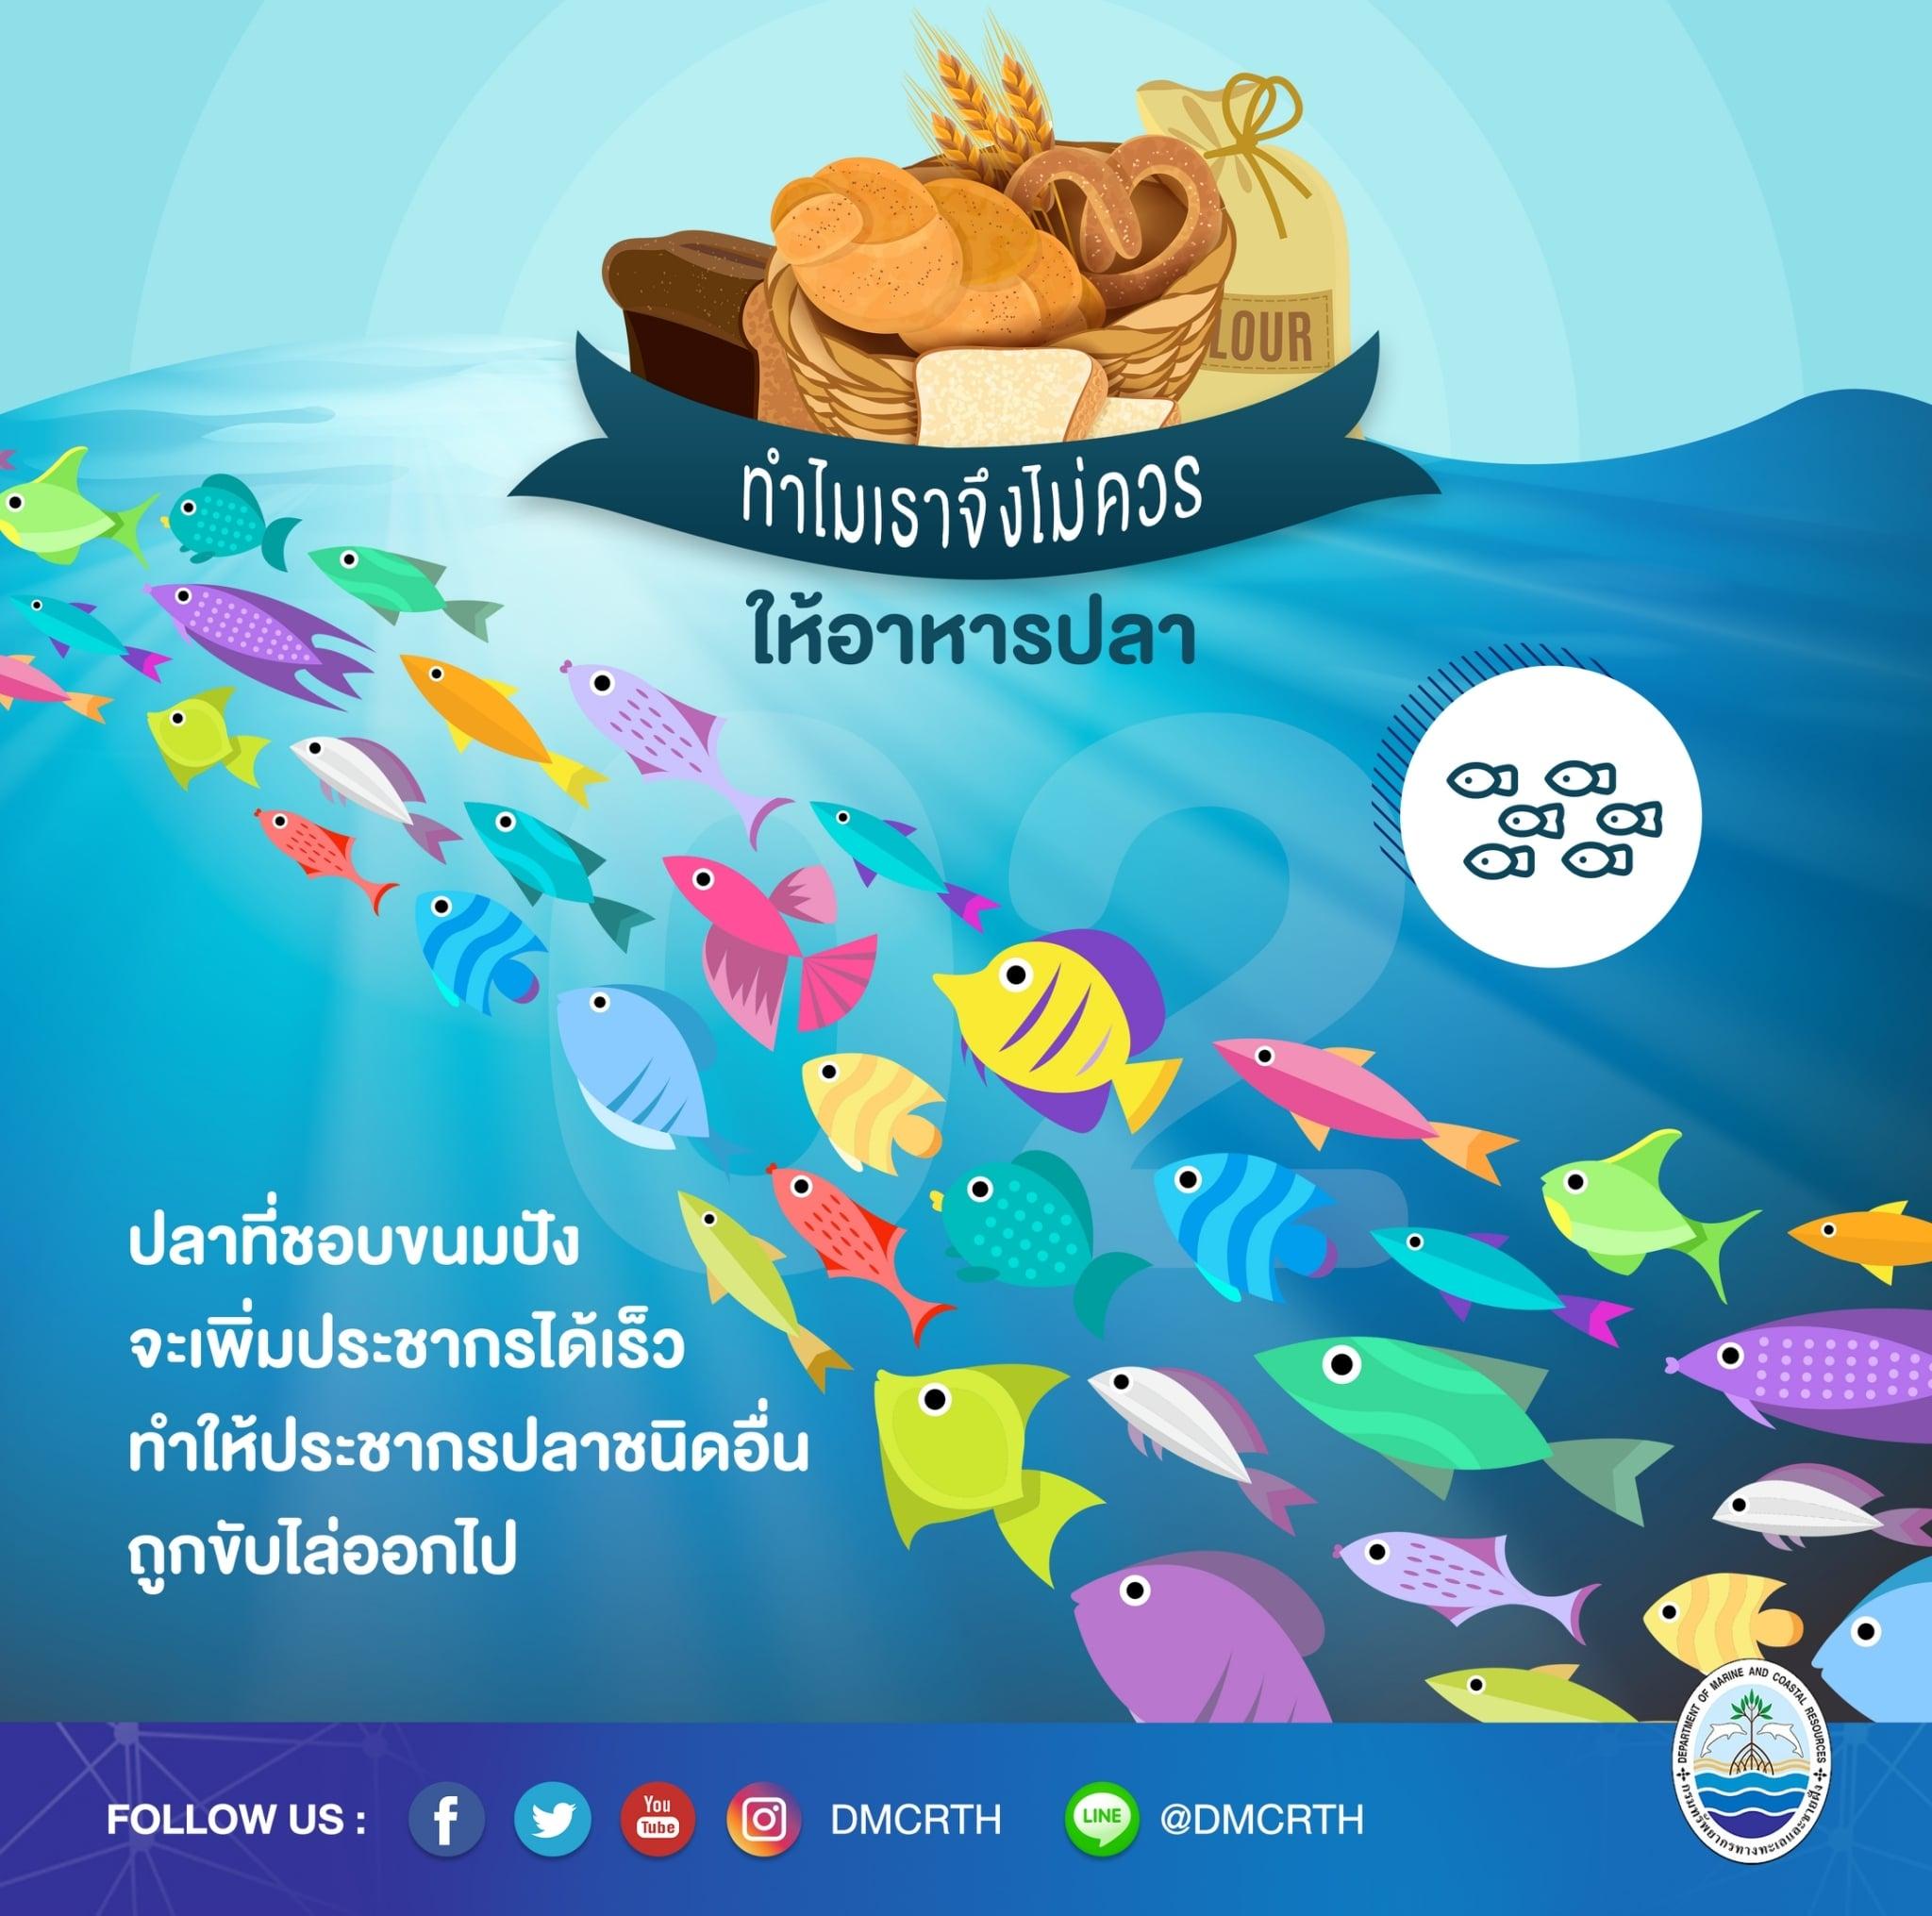 ทำไมจึงควรหยุดให้อาหารปลาในแนวปะการัง ตอนที่๒